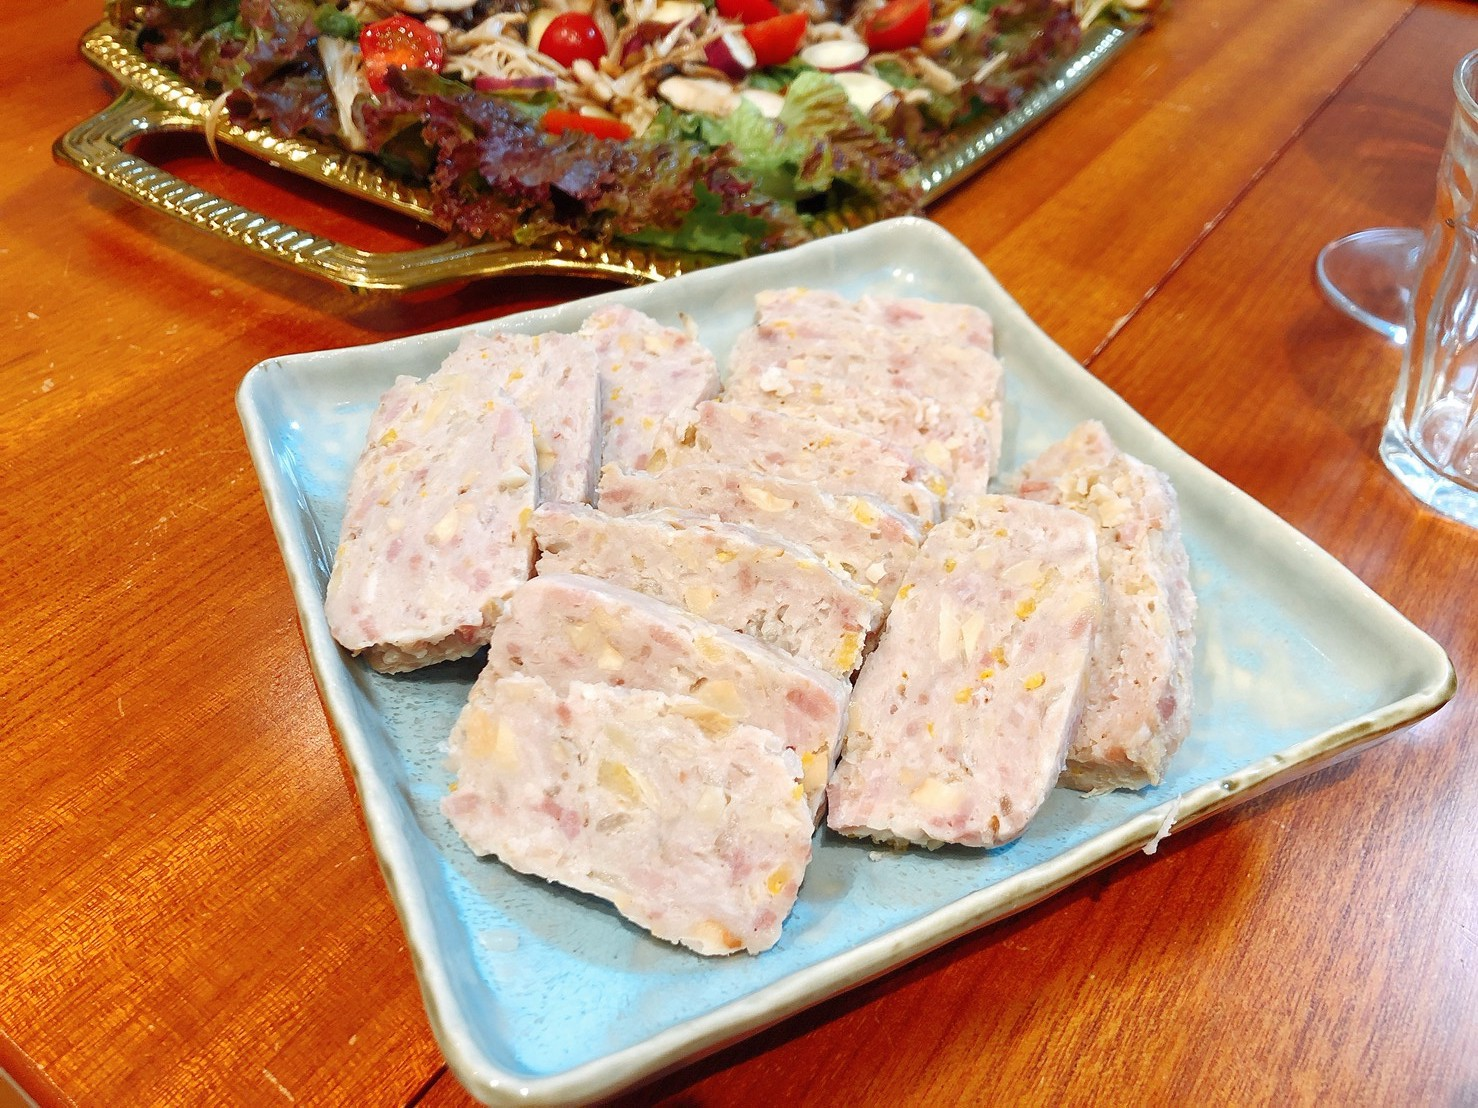 豚肉のゆずパテ、osakafoodstyle、なにわ料理、大阪産、女子会、大阪、天王寺、健康、野菜、和食、料理教室、健彩青果、大畑ちつる、レシピ、おばんざい、個人、大阪市